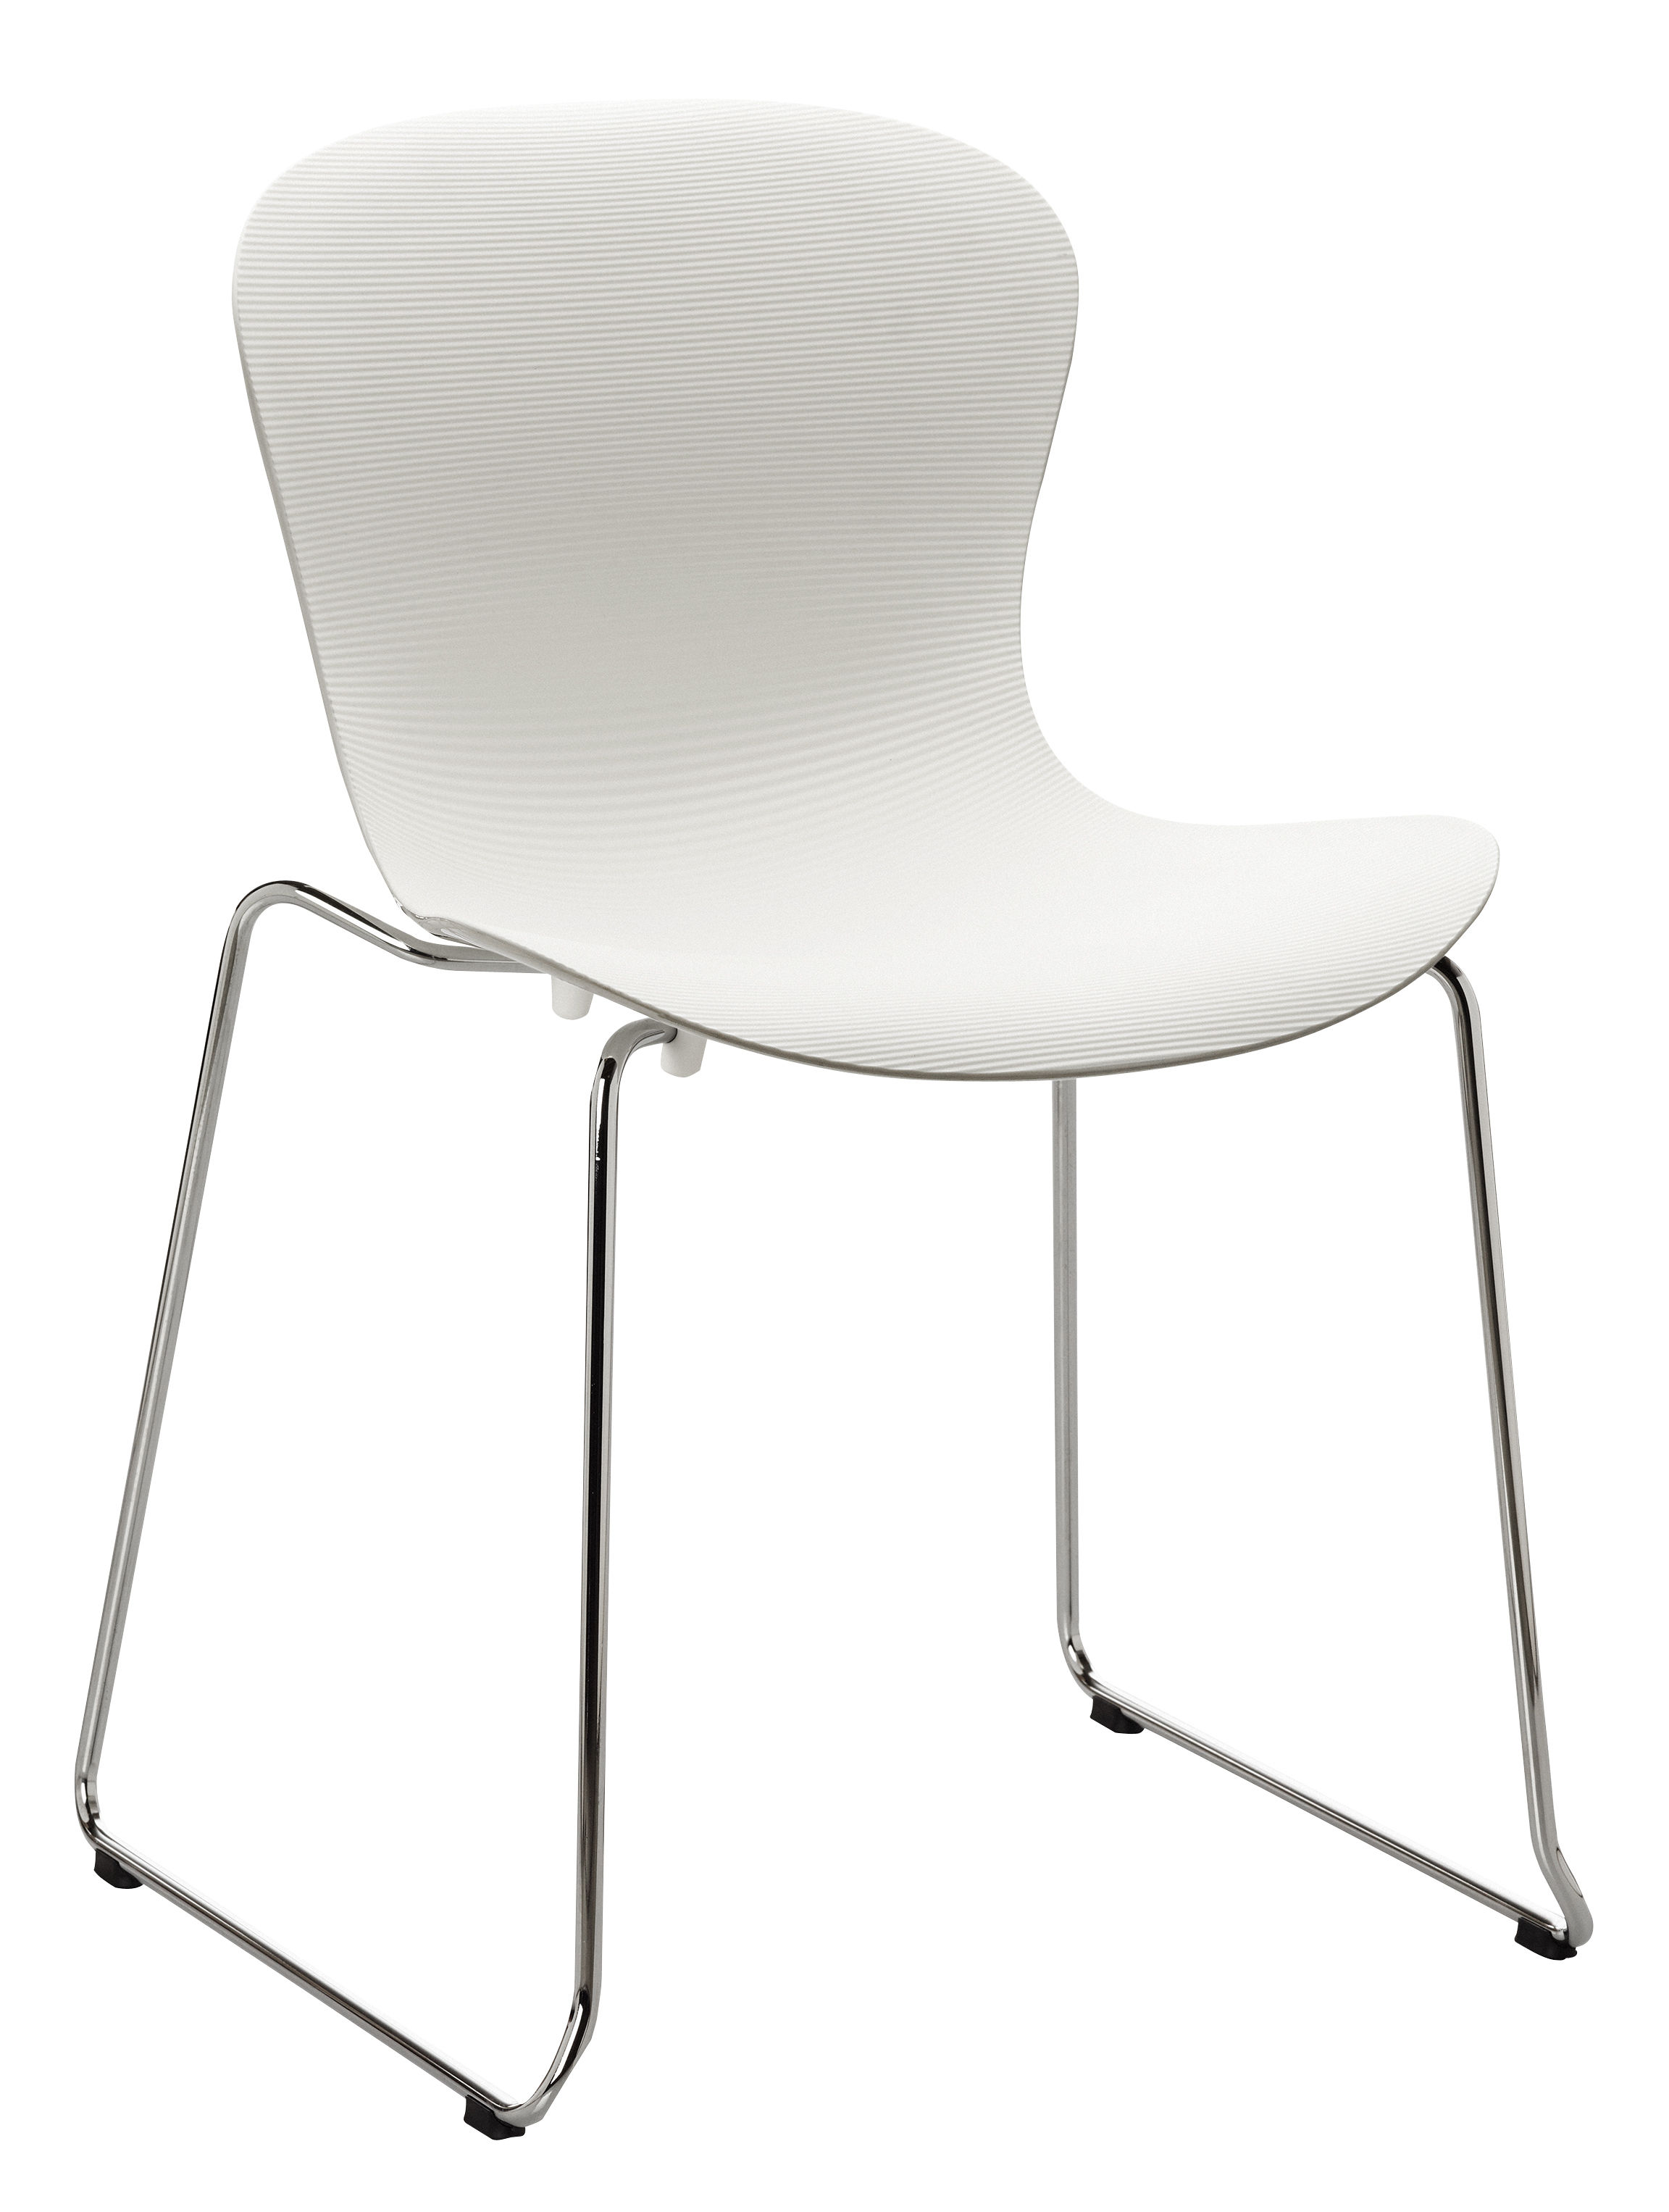 Möbel - Stühle  - Nap Stapelbarer Stuhl / mit Kufengestell - Fritz Hansen - Weiß / Fußgestell chromglänzend - lackierter Stahl, Polyamid